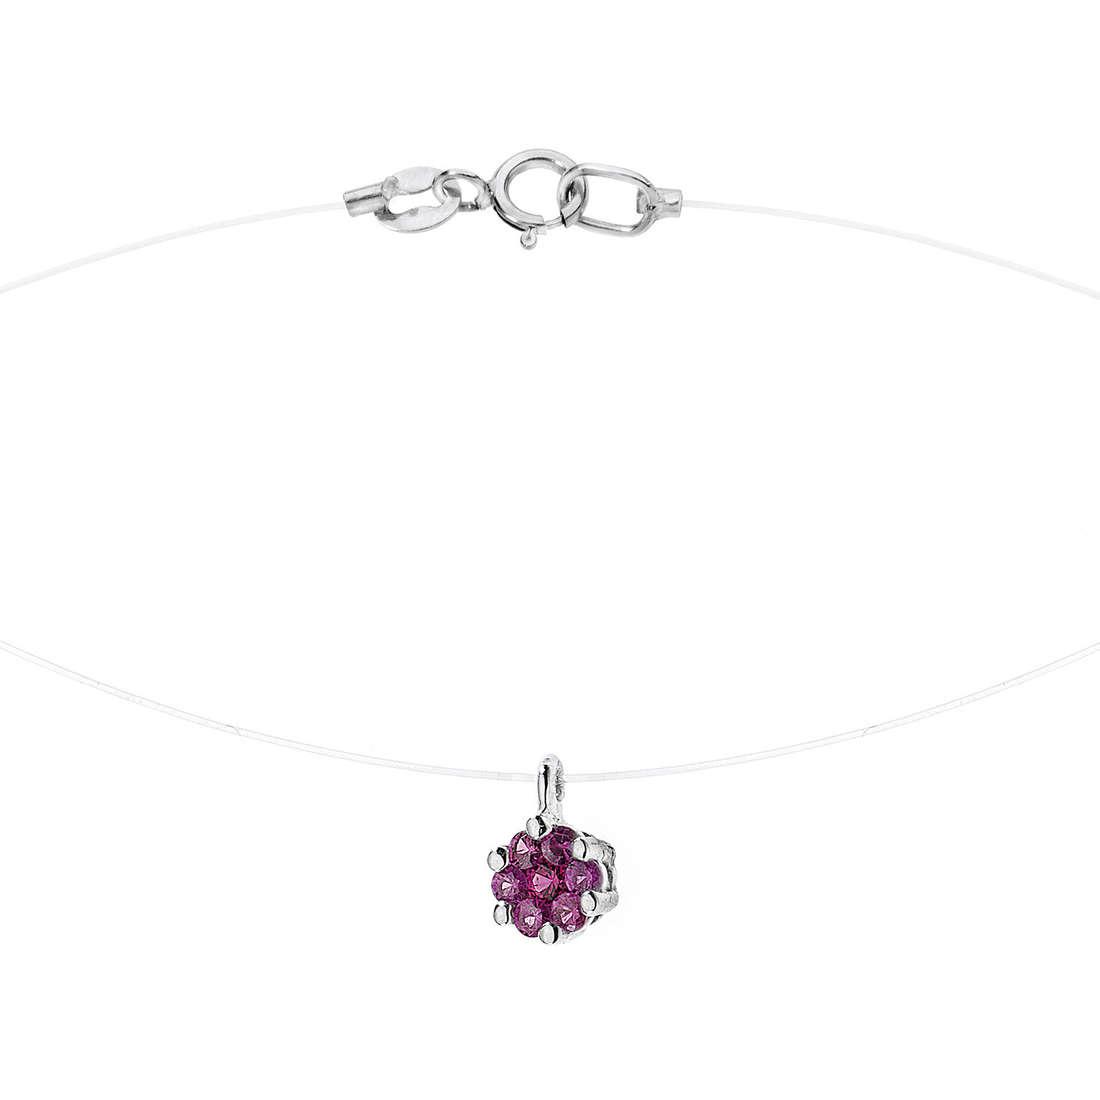 collana donna gioielli Comete Pietre preziose colorate GLB 874